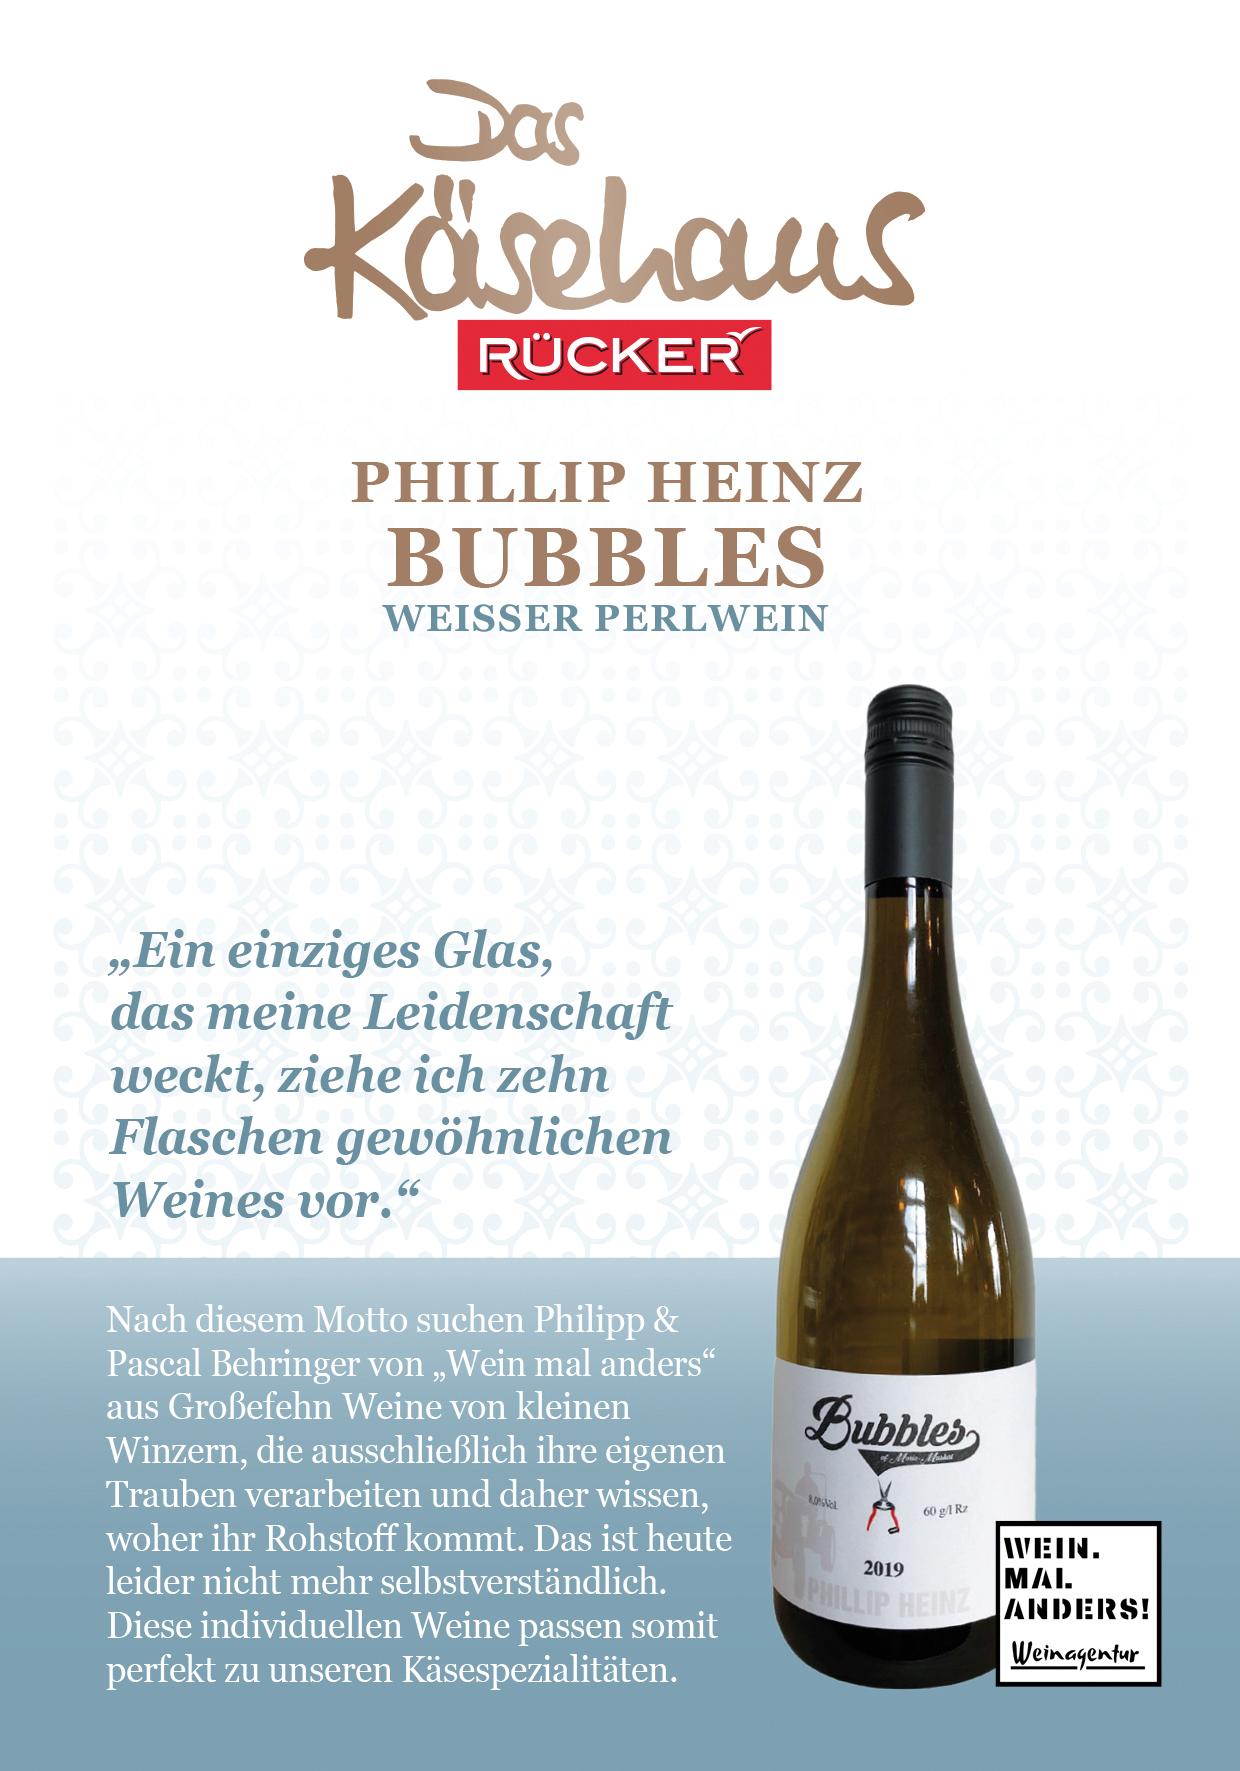 Phillip Heinz Bubbles - Weisser Perlwein